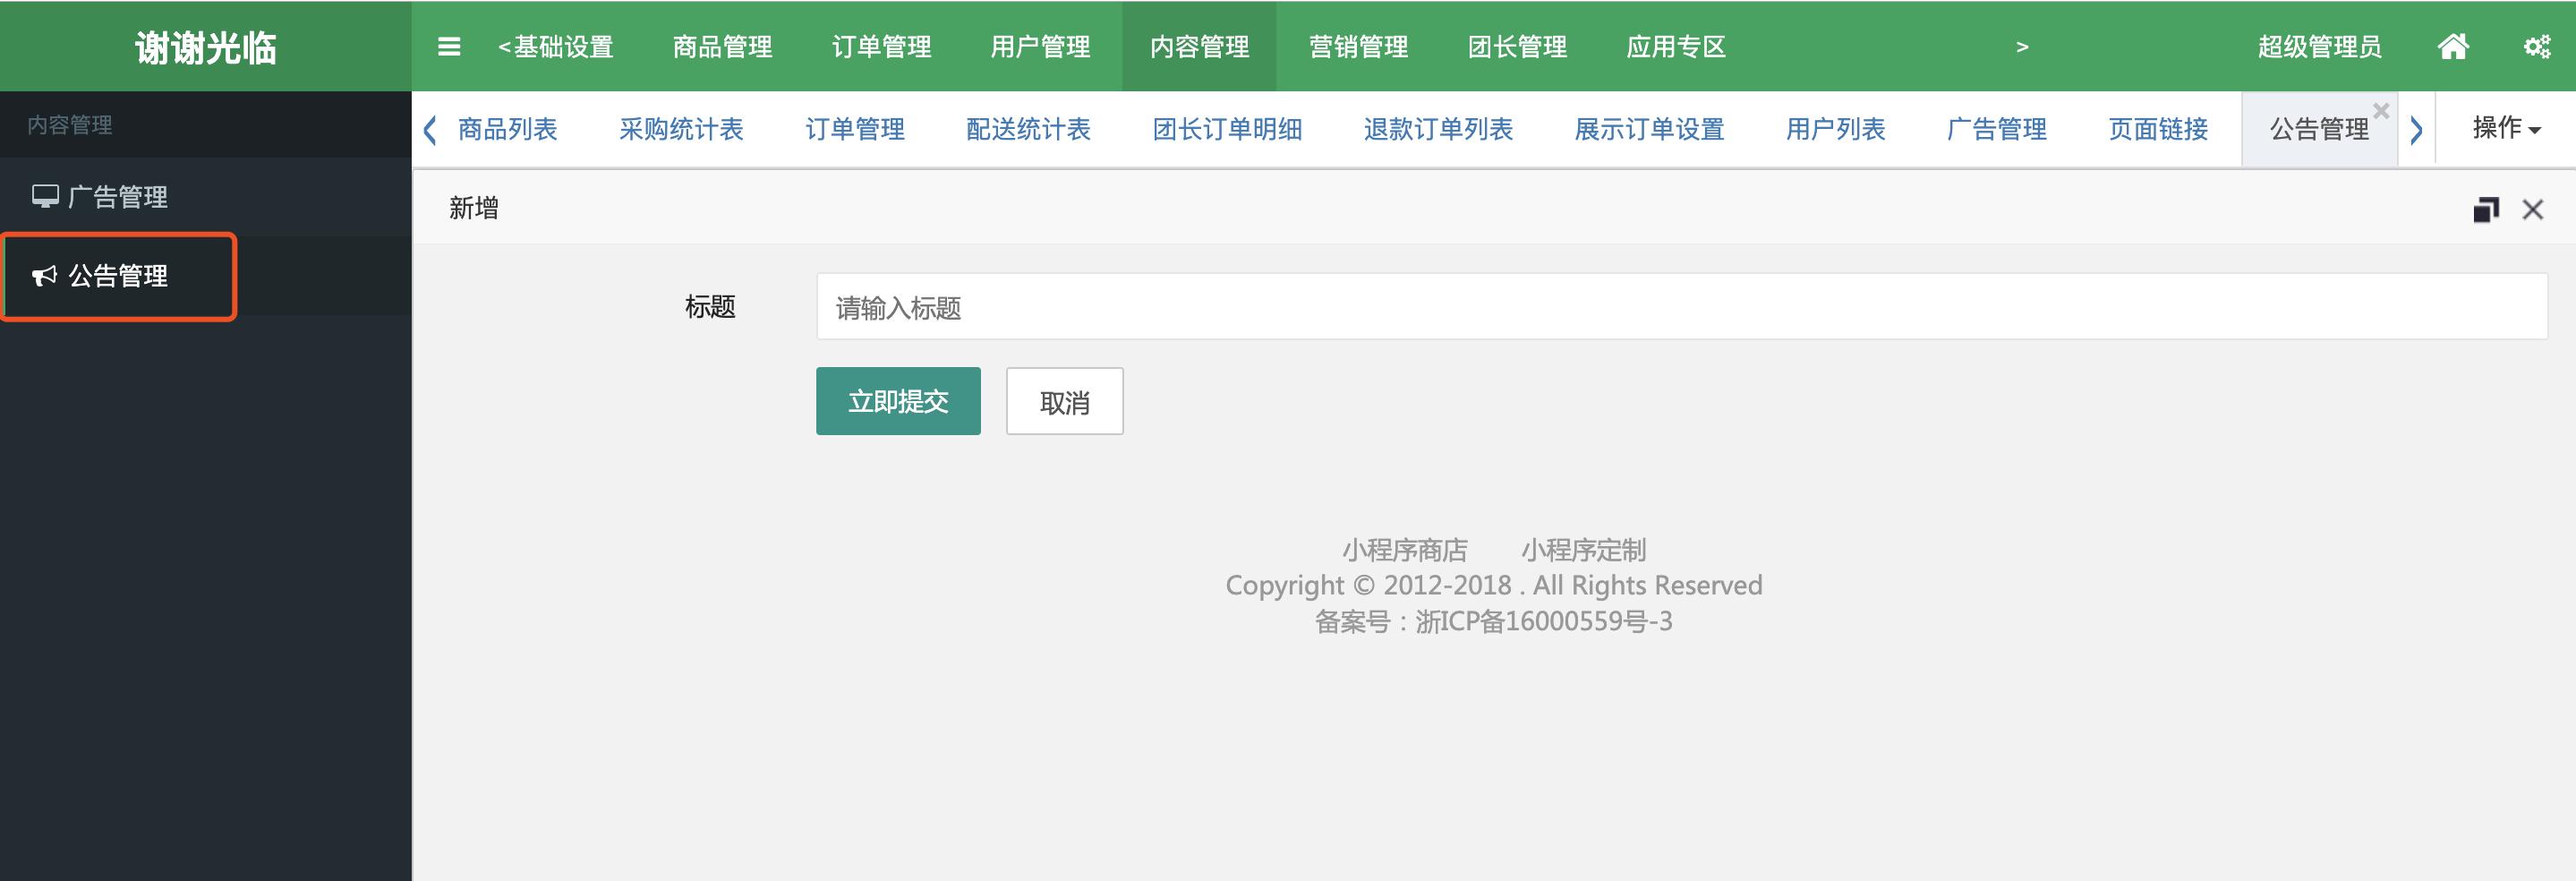 ../../Downloads/社区团购小程序/订单管理/新增公告.png